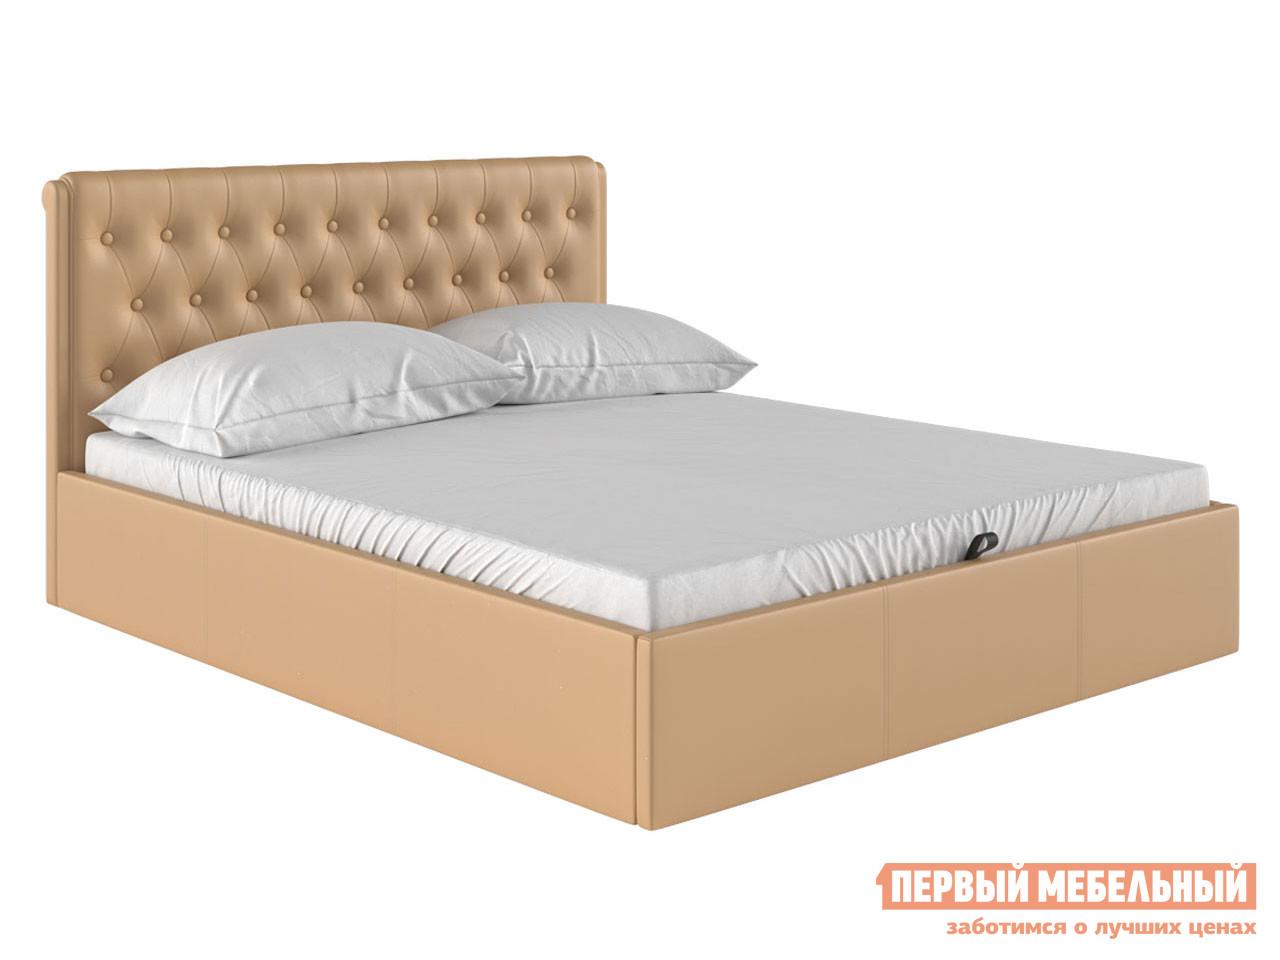 Двуспальная кровать  Кровать с подъемным механизмом Моника Бежевый, экокожа, 1400 Х 2000 мм — Кровать с подъемным механизмом Моника Бежевый, экокожа, 1400 Х 2000 мм